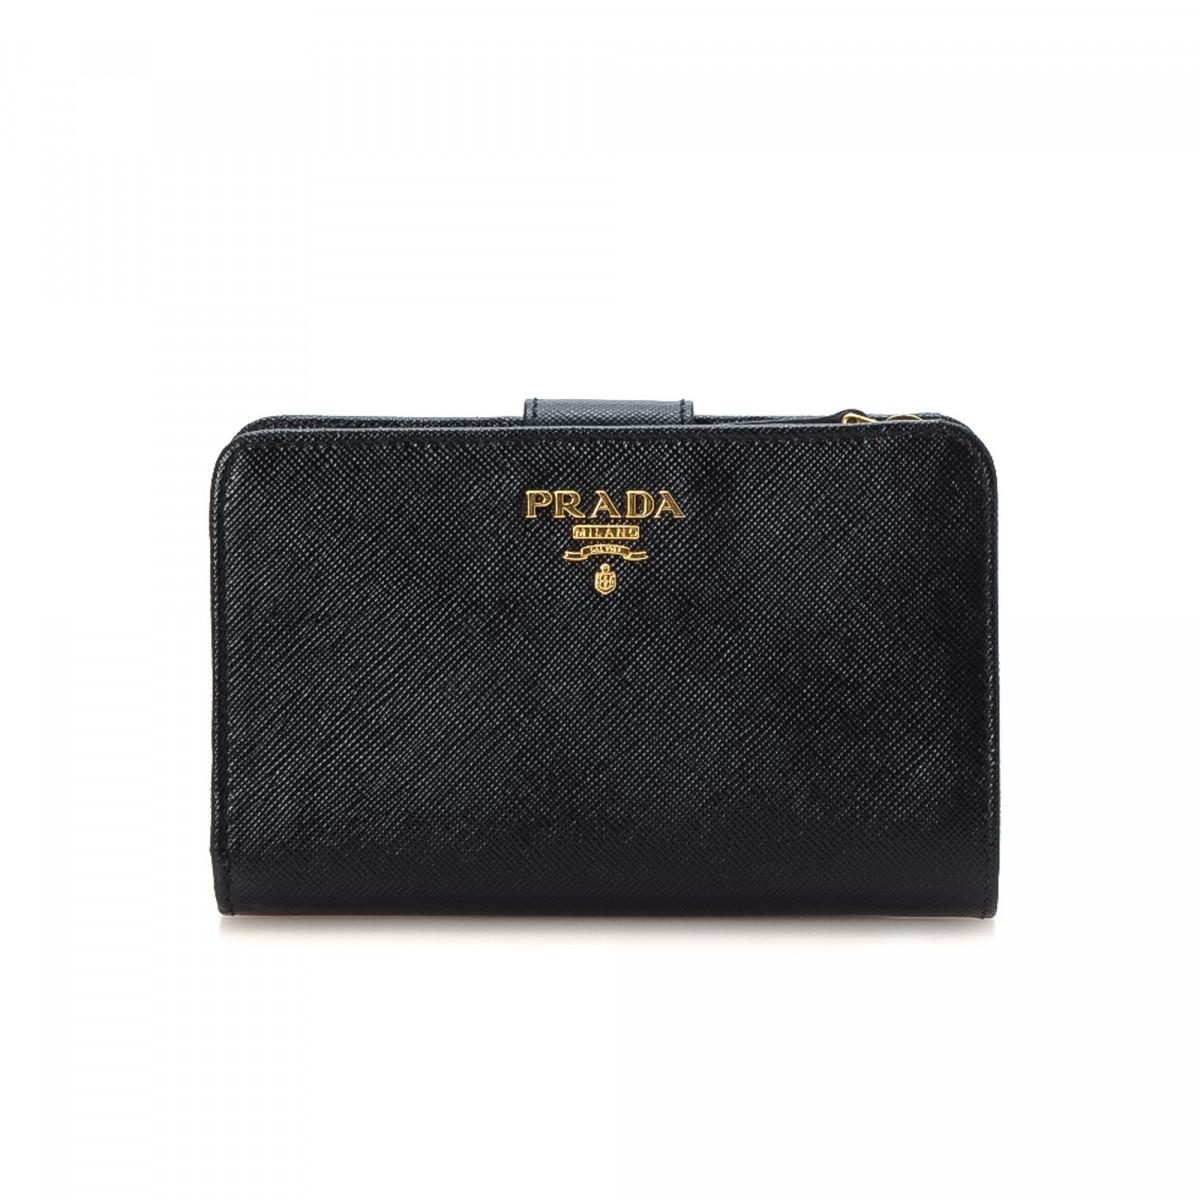 Prada Portafoglio Lampo Wallet